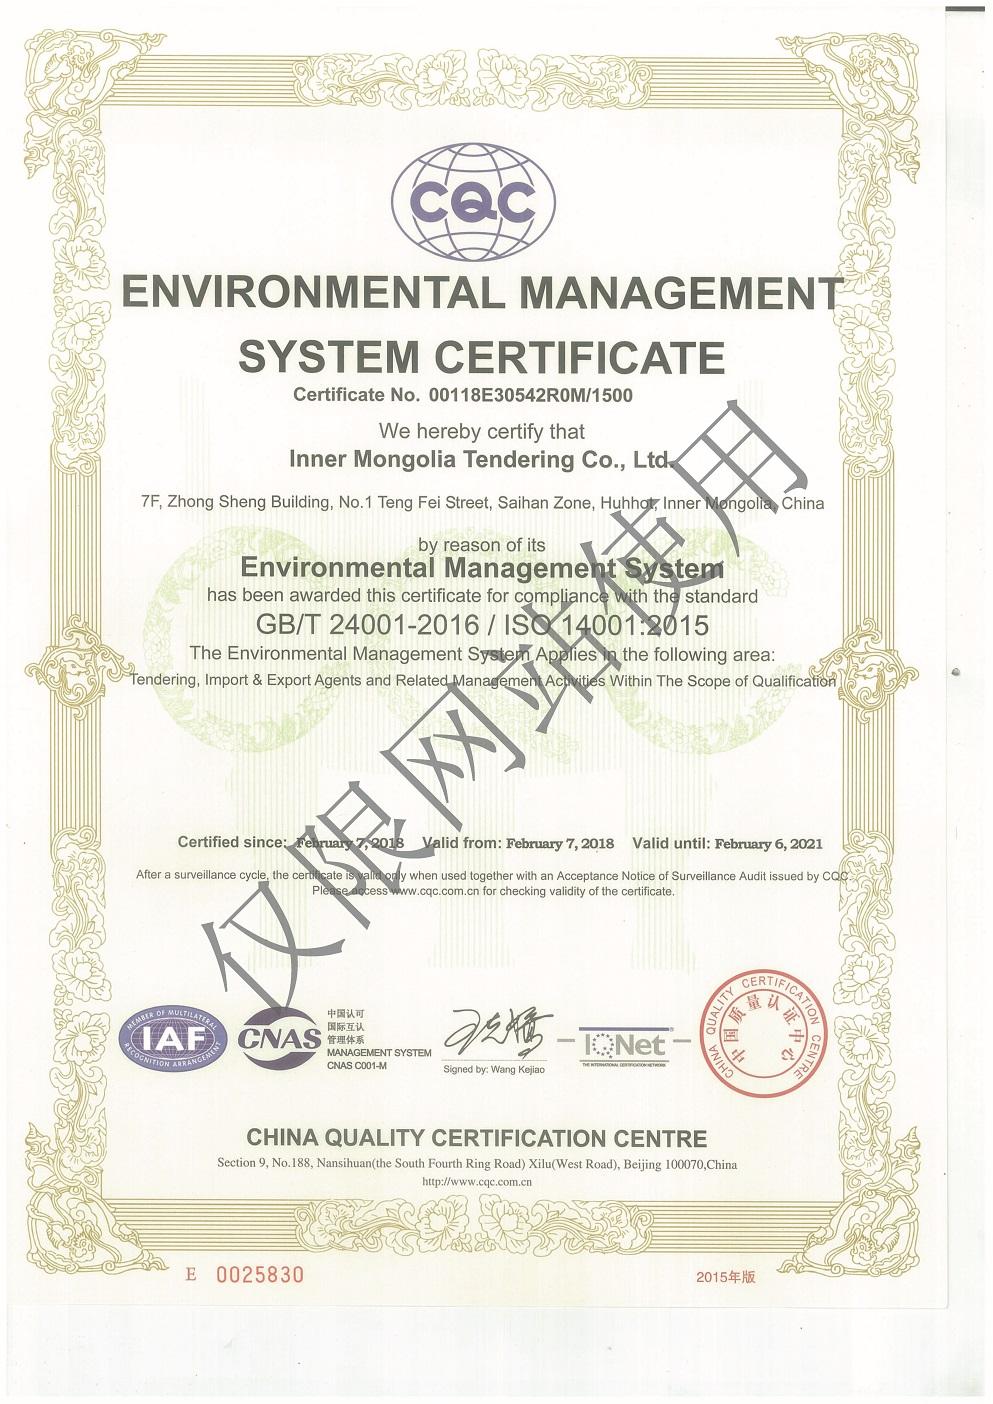 环境guanli体系—英文ban